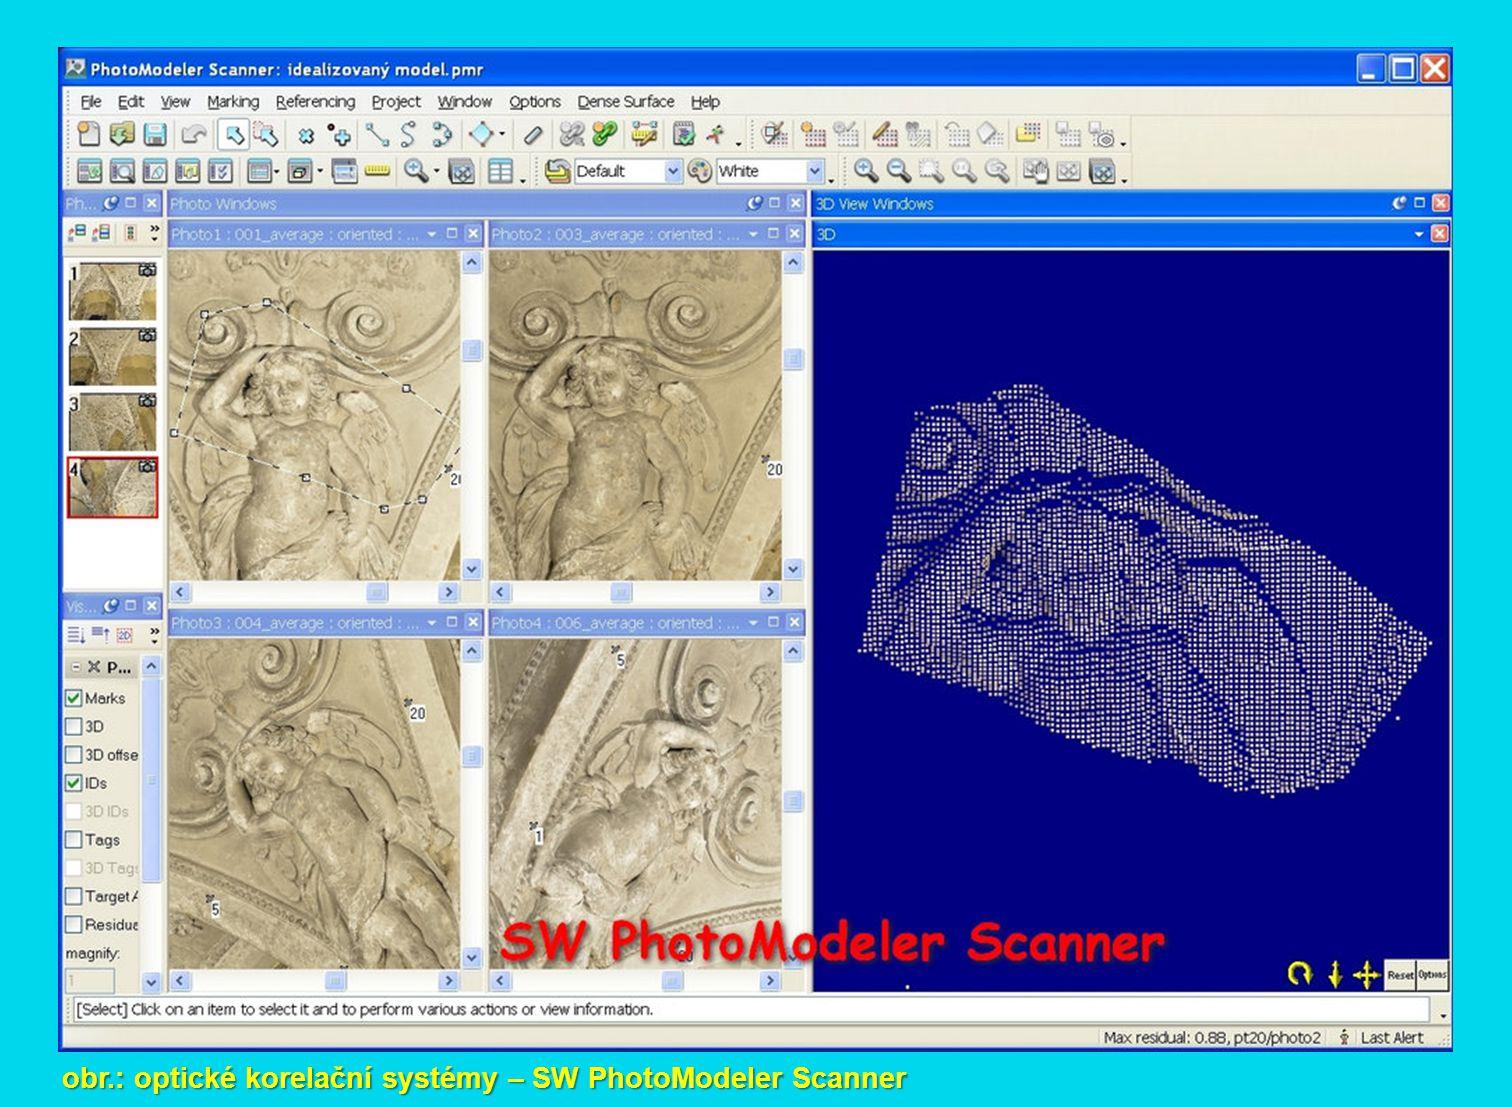 obr.: optické korelační systémy – SW PhotoModeler Scanner